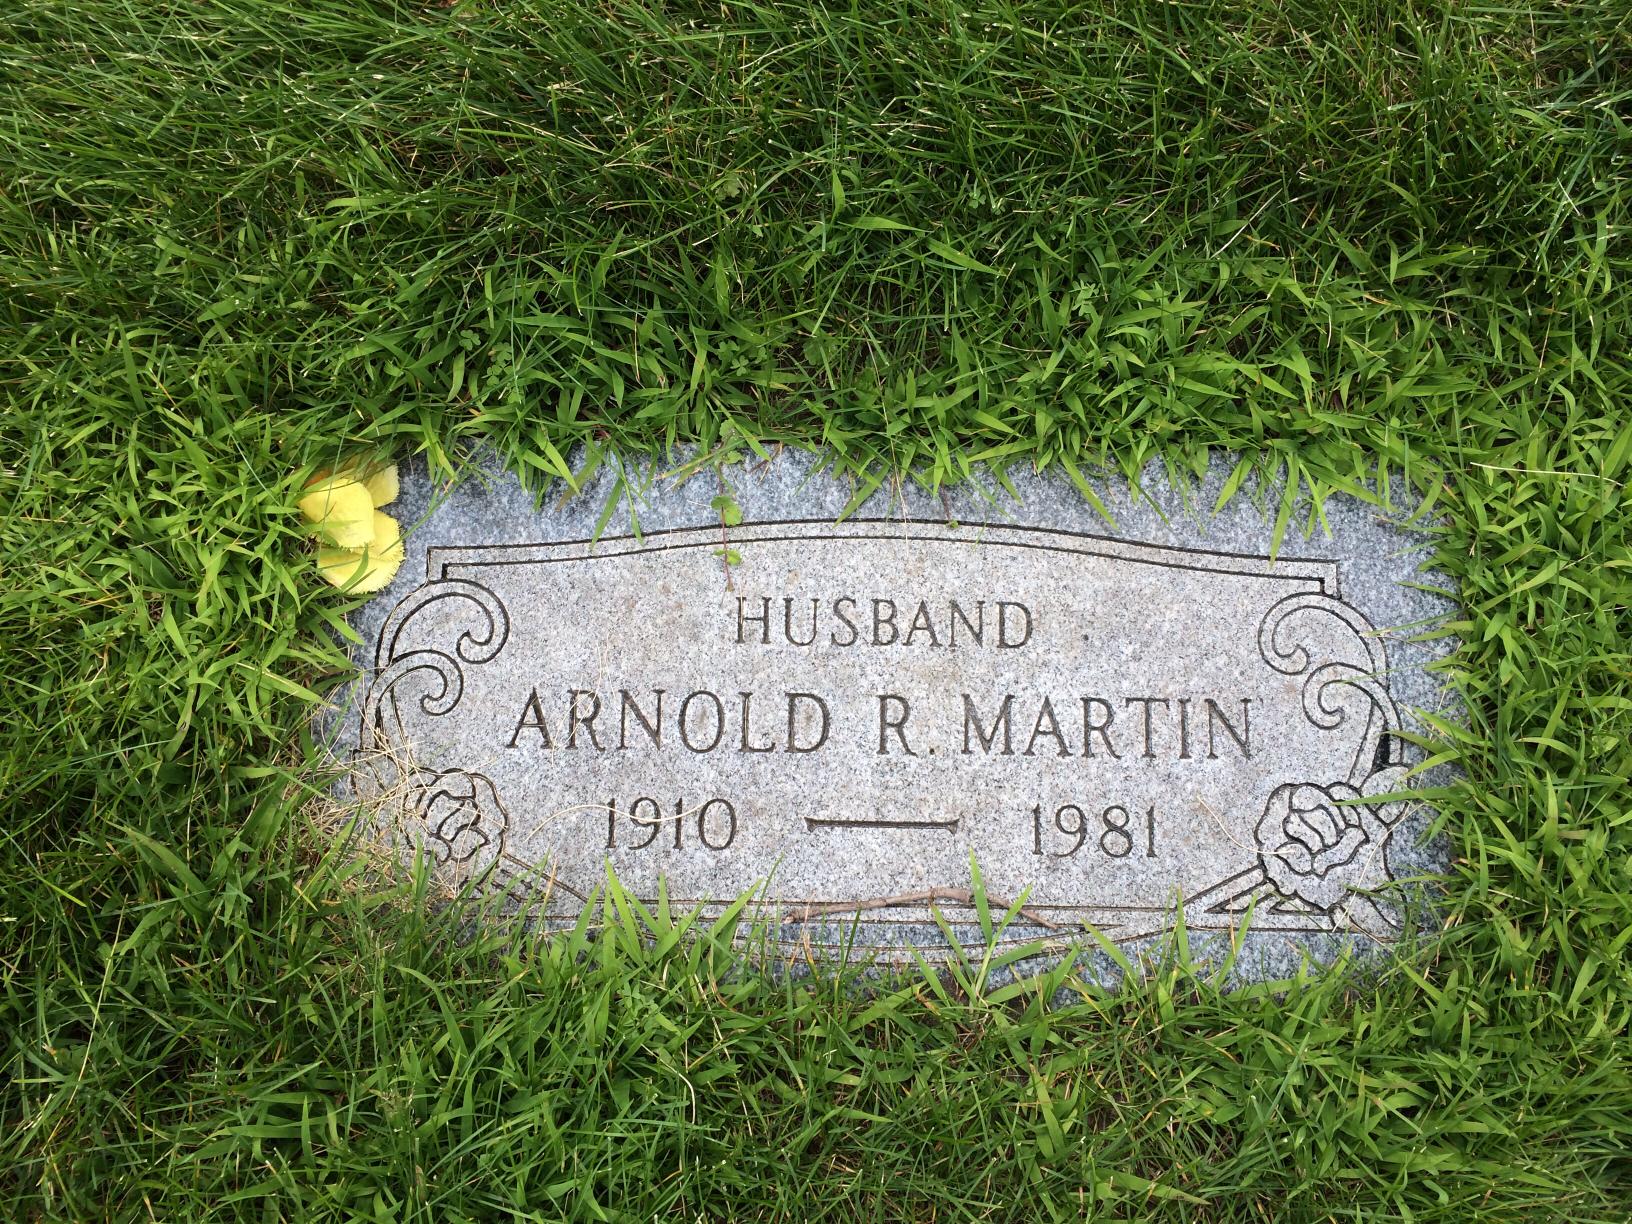 Arnold R. Martin